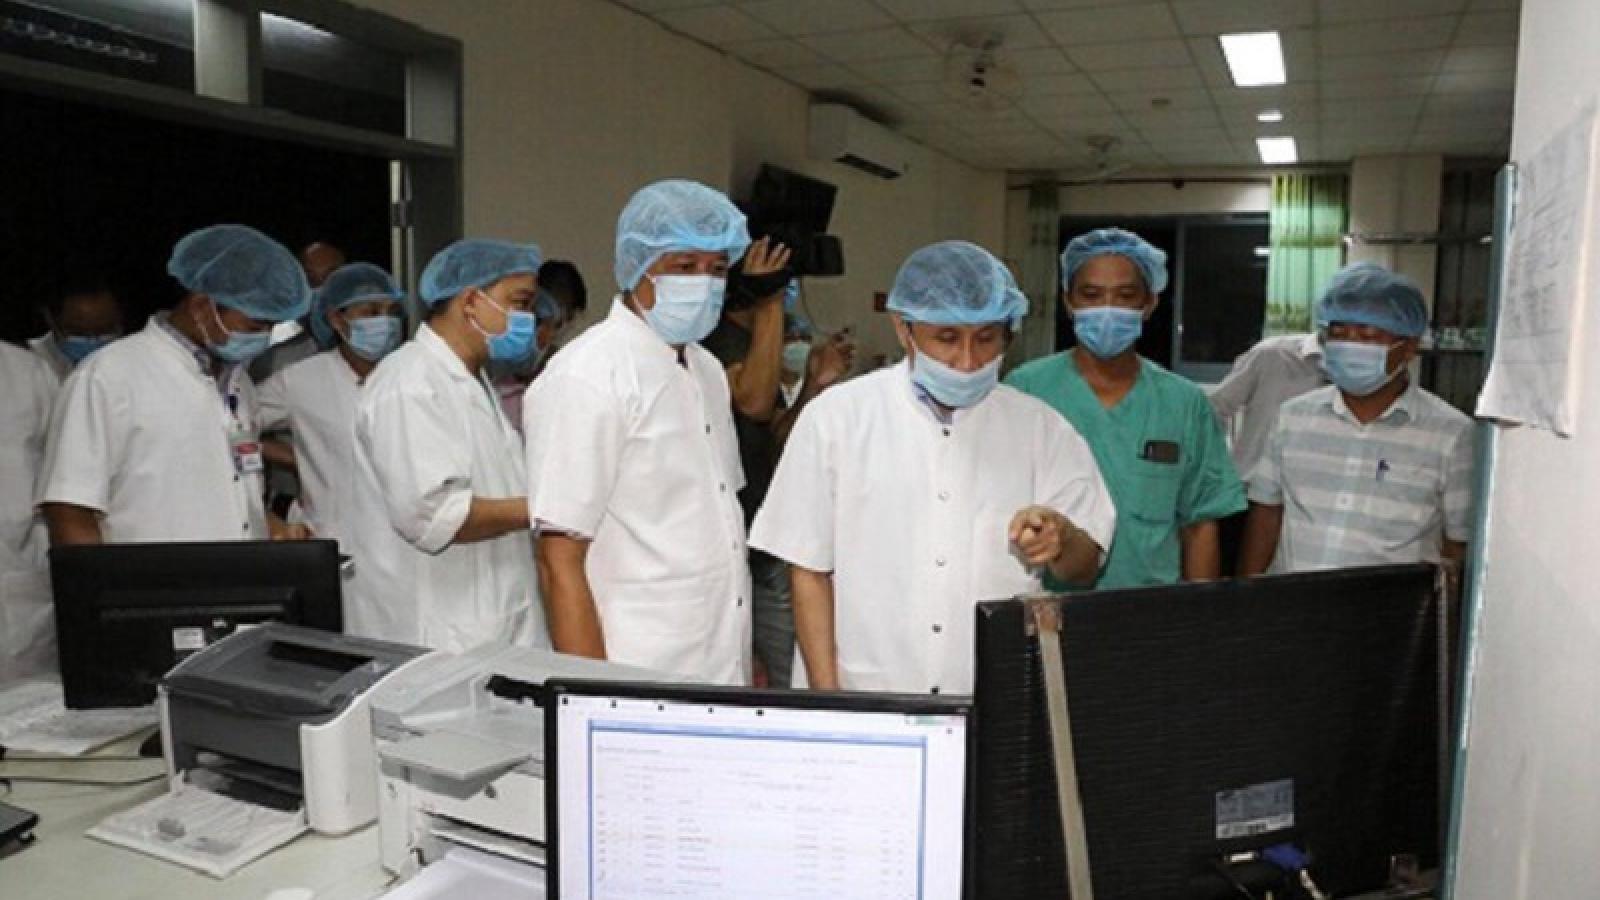 Kiểm tra công tác điều trị bệnh nhân mắc Covid-19 tại Bệnh viện Huế